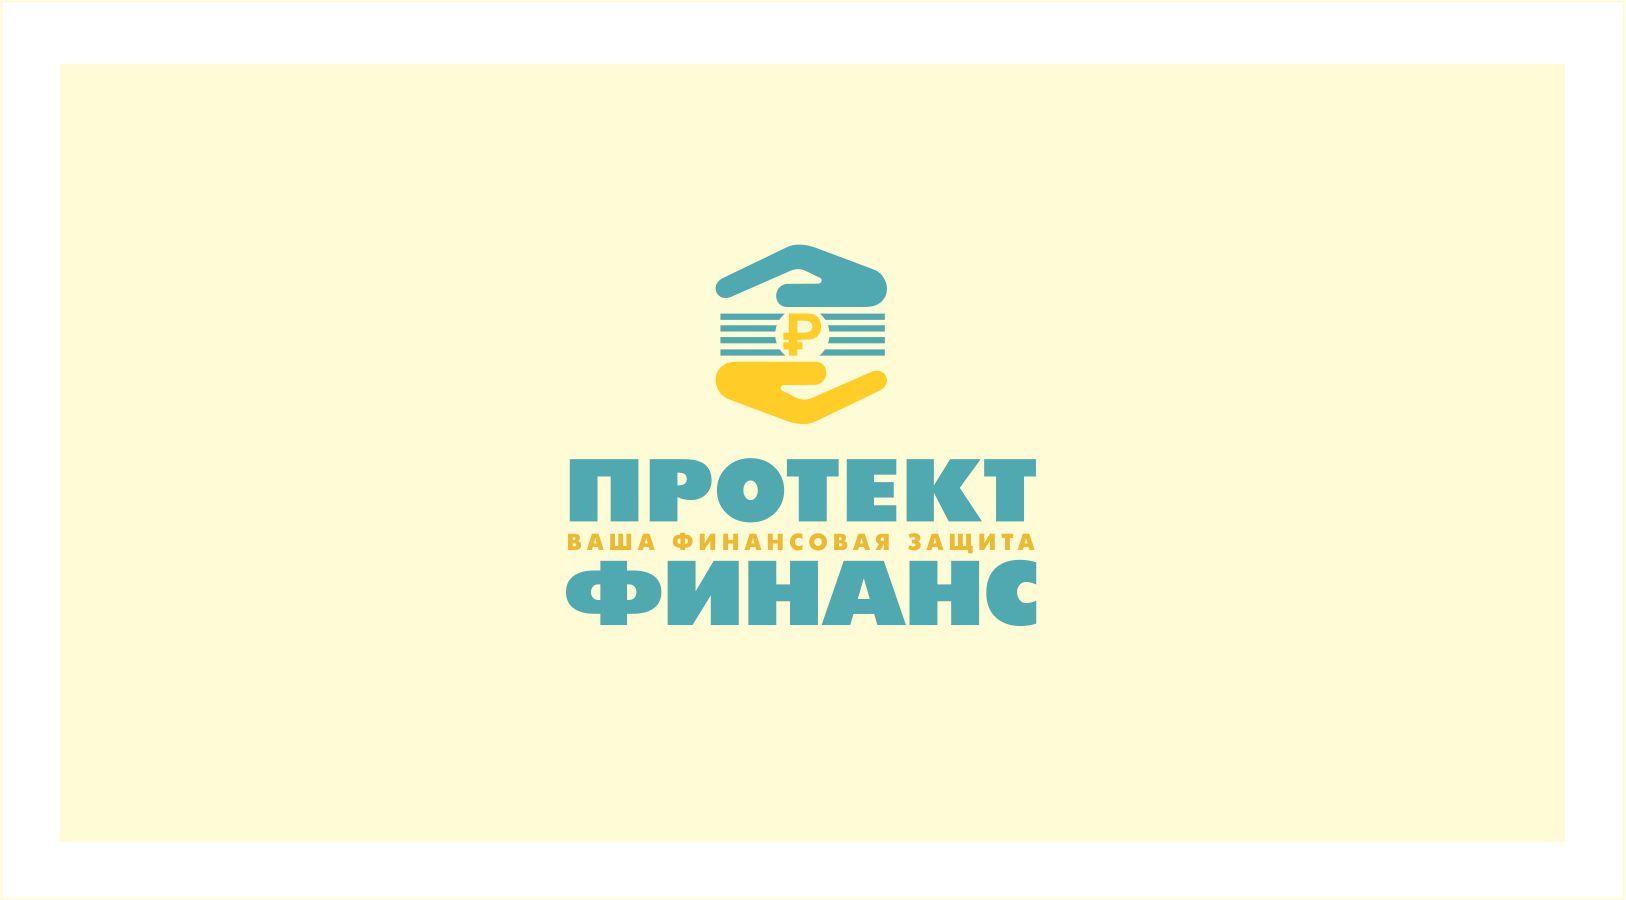 Фирм.стиль для ООО МФО «Протект Финанс» - дизайнер SobolevS21